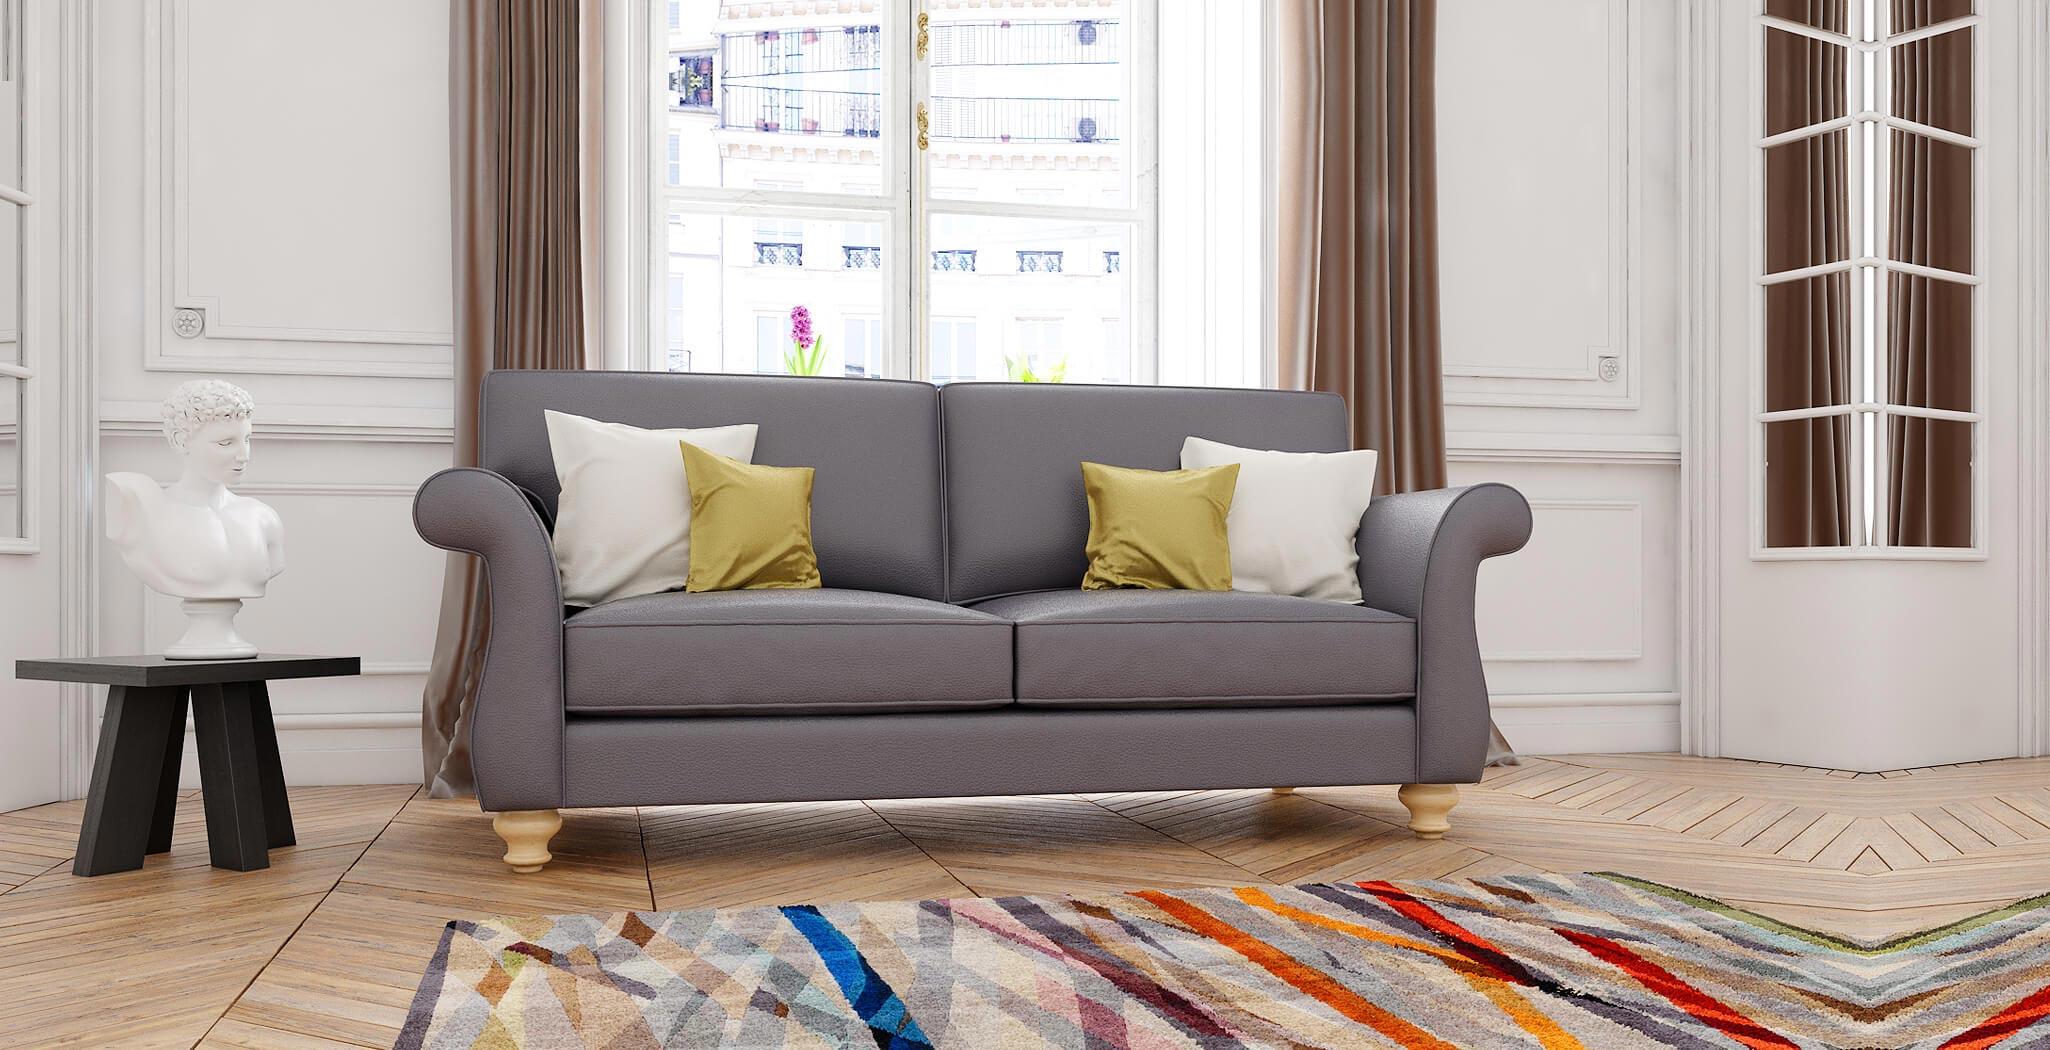 pisa sofa furniture gallery 3